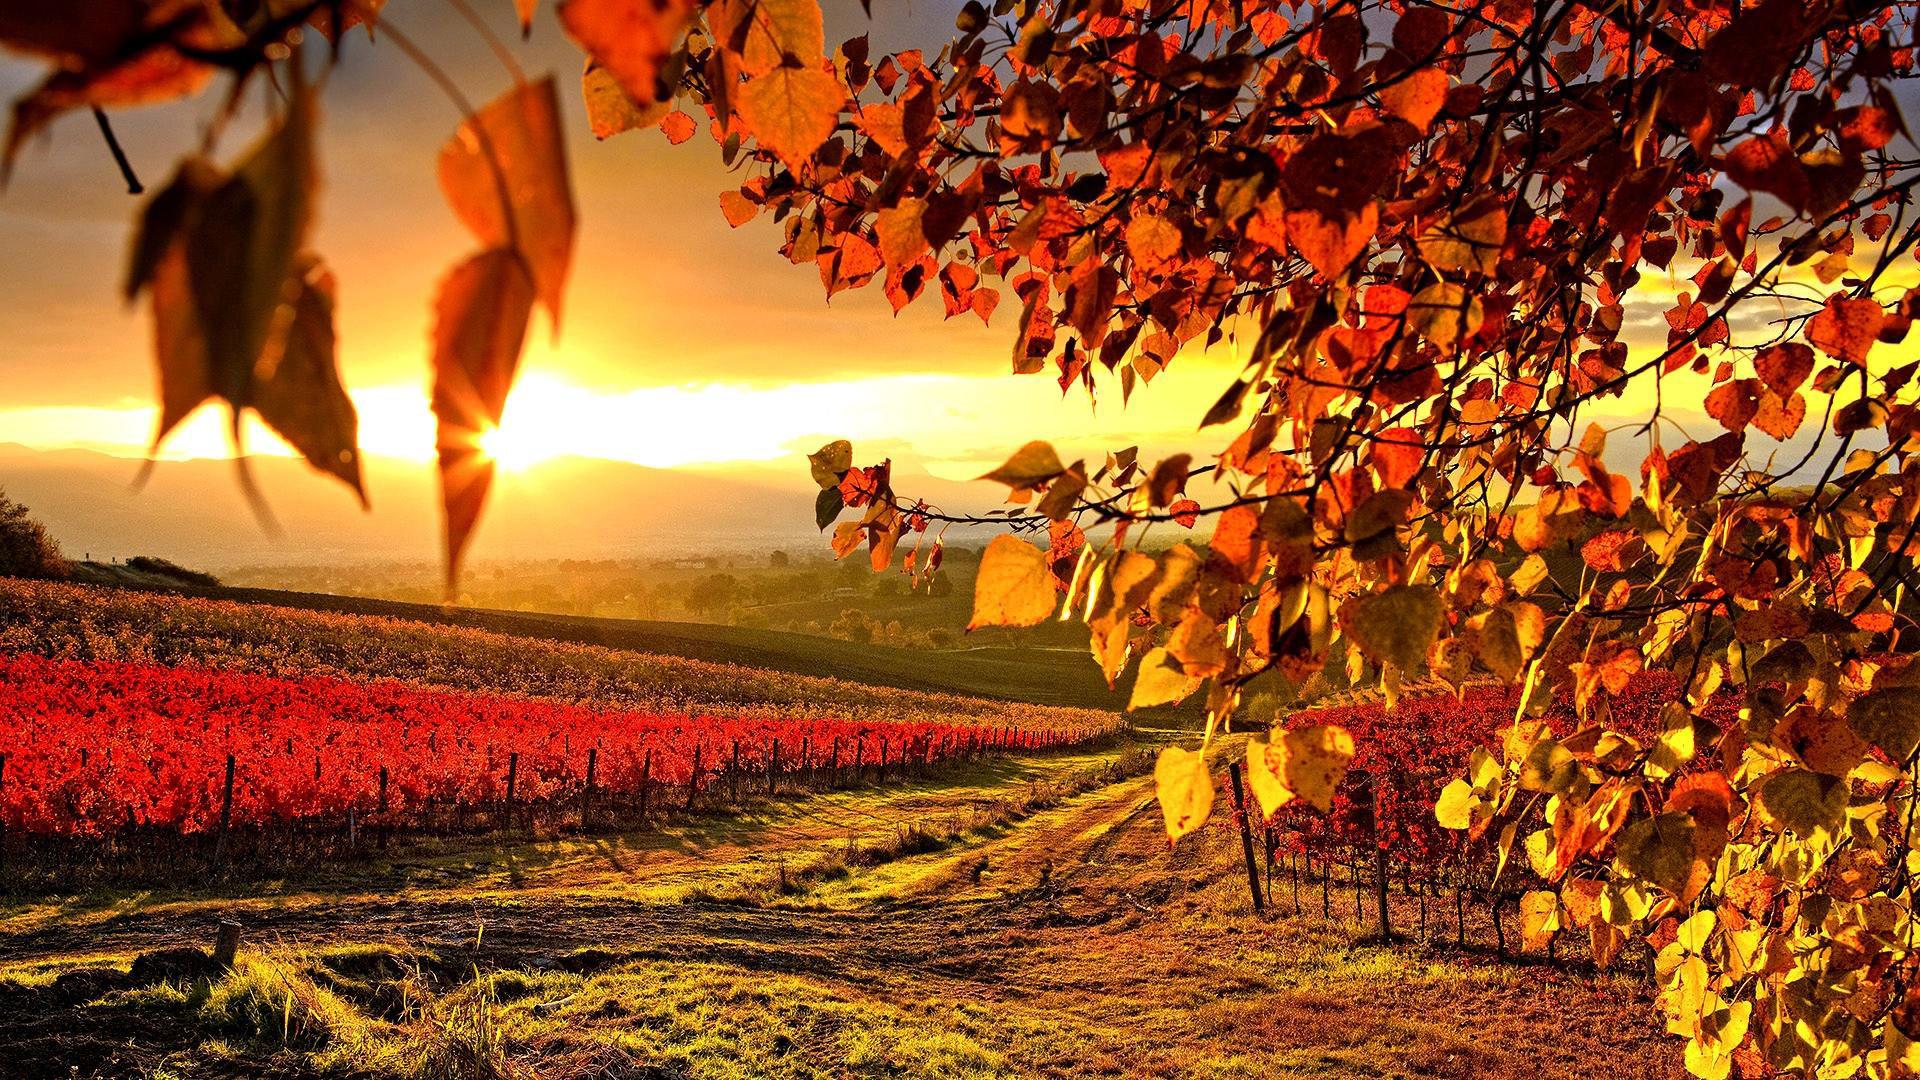 Free Download 3d Wallpapers For Windows 7 Desktop Nature Desktop Background 74 Images